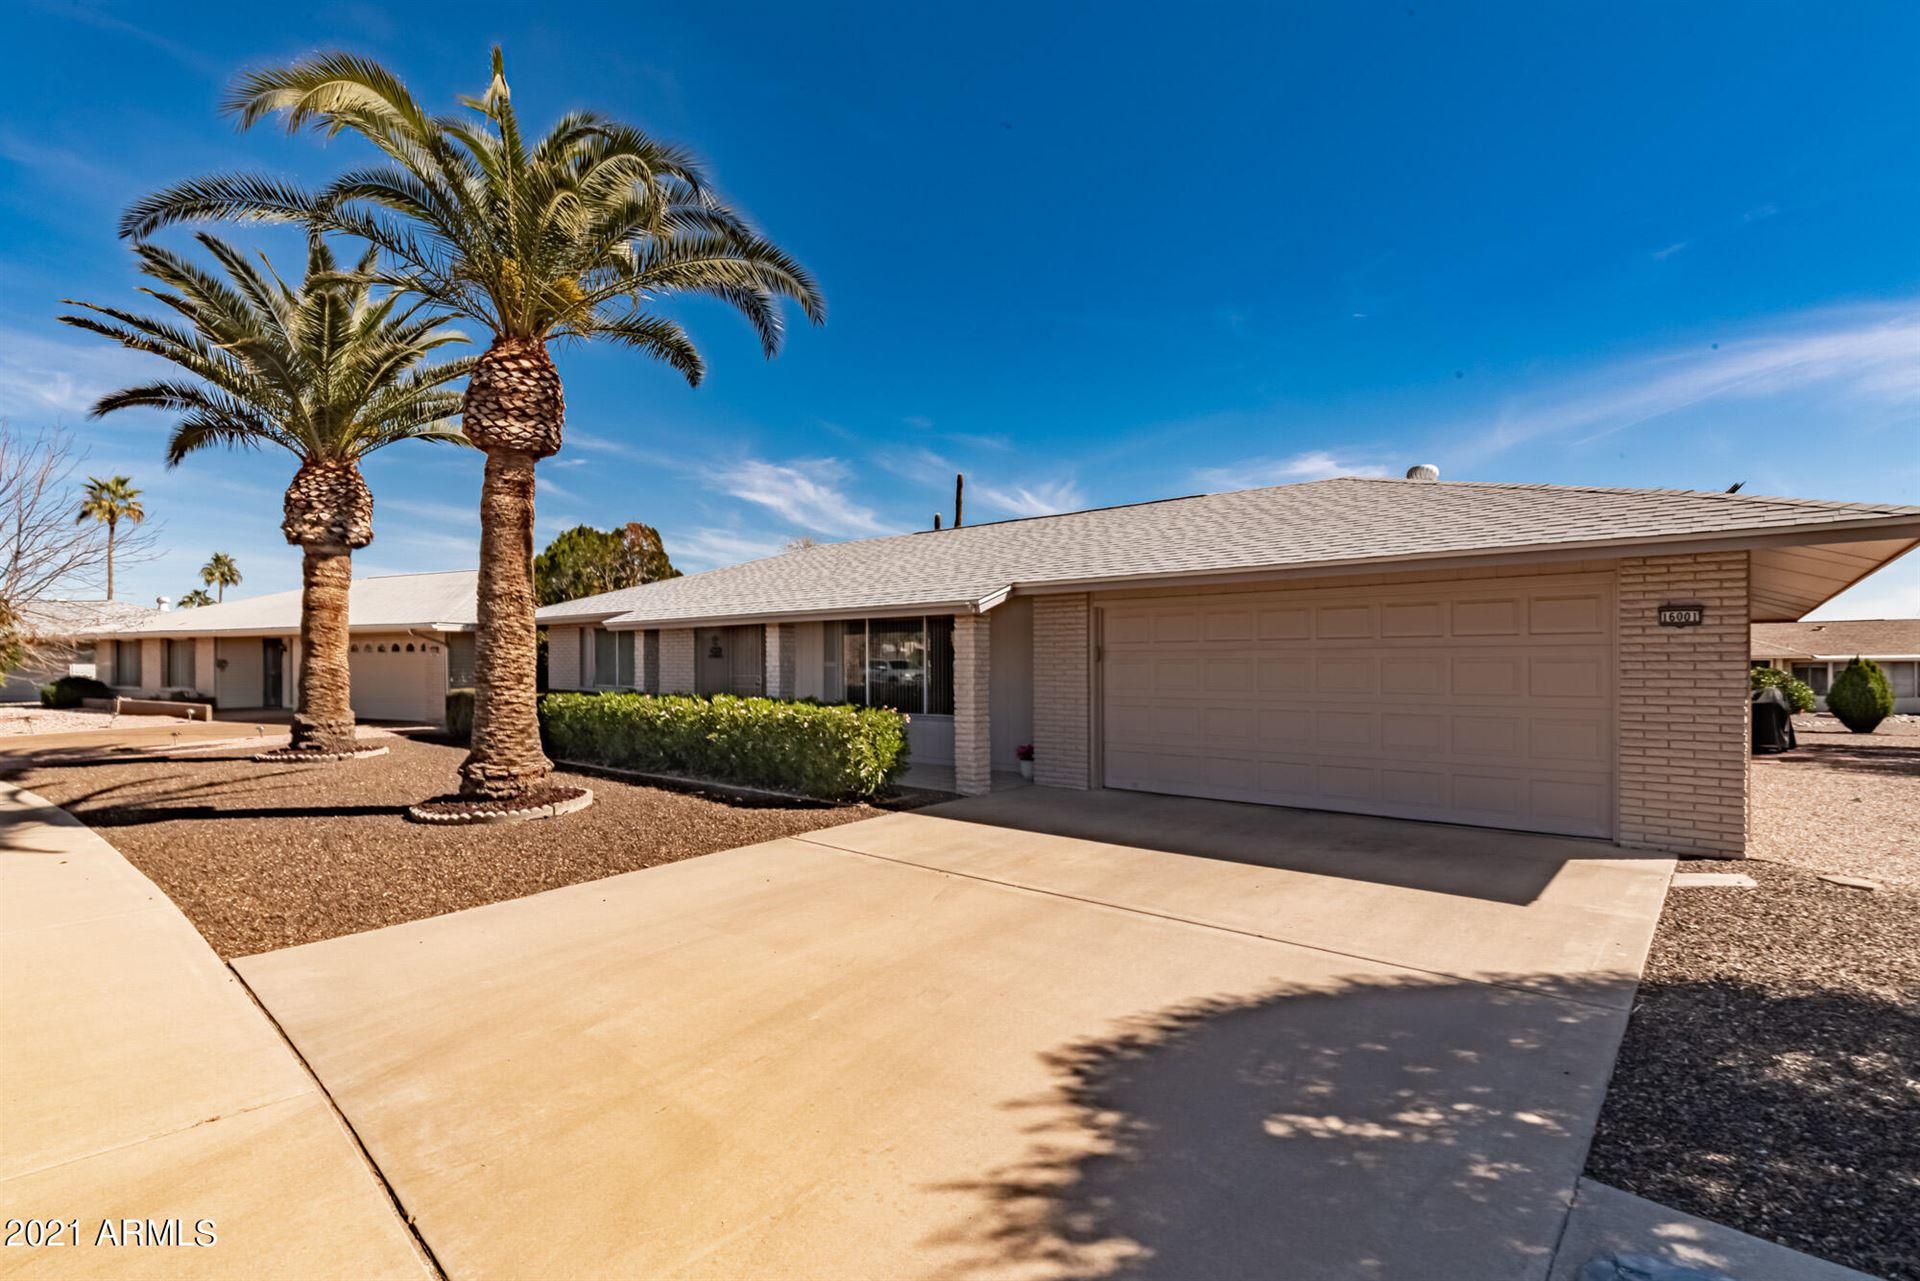 Photo of 16001 N NICKLAUS Lane, Sun City, AZ 85351 (MLS # 6200627)